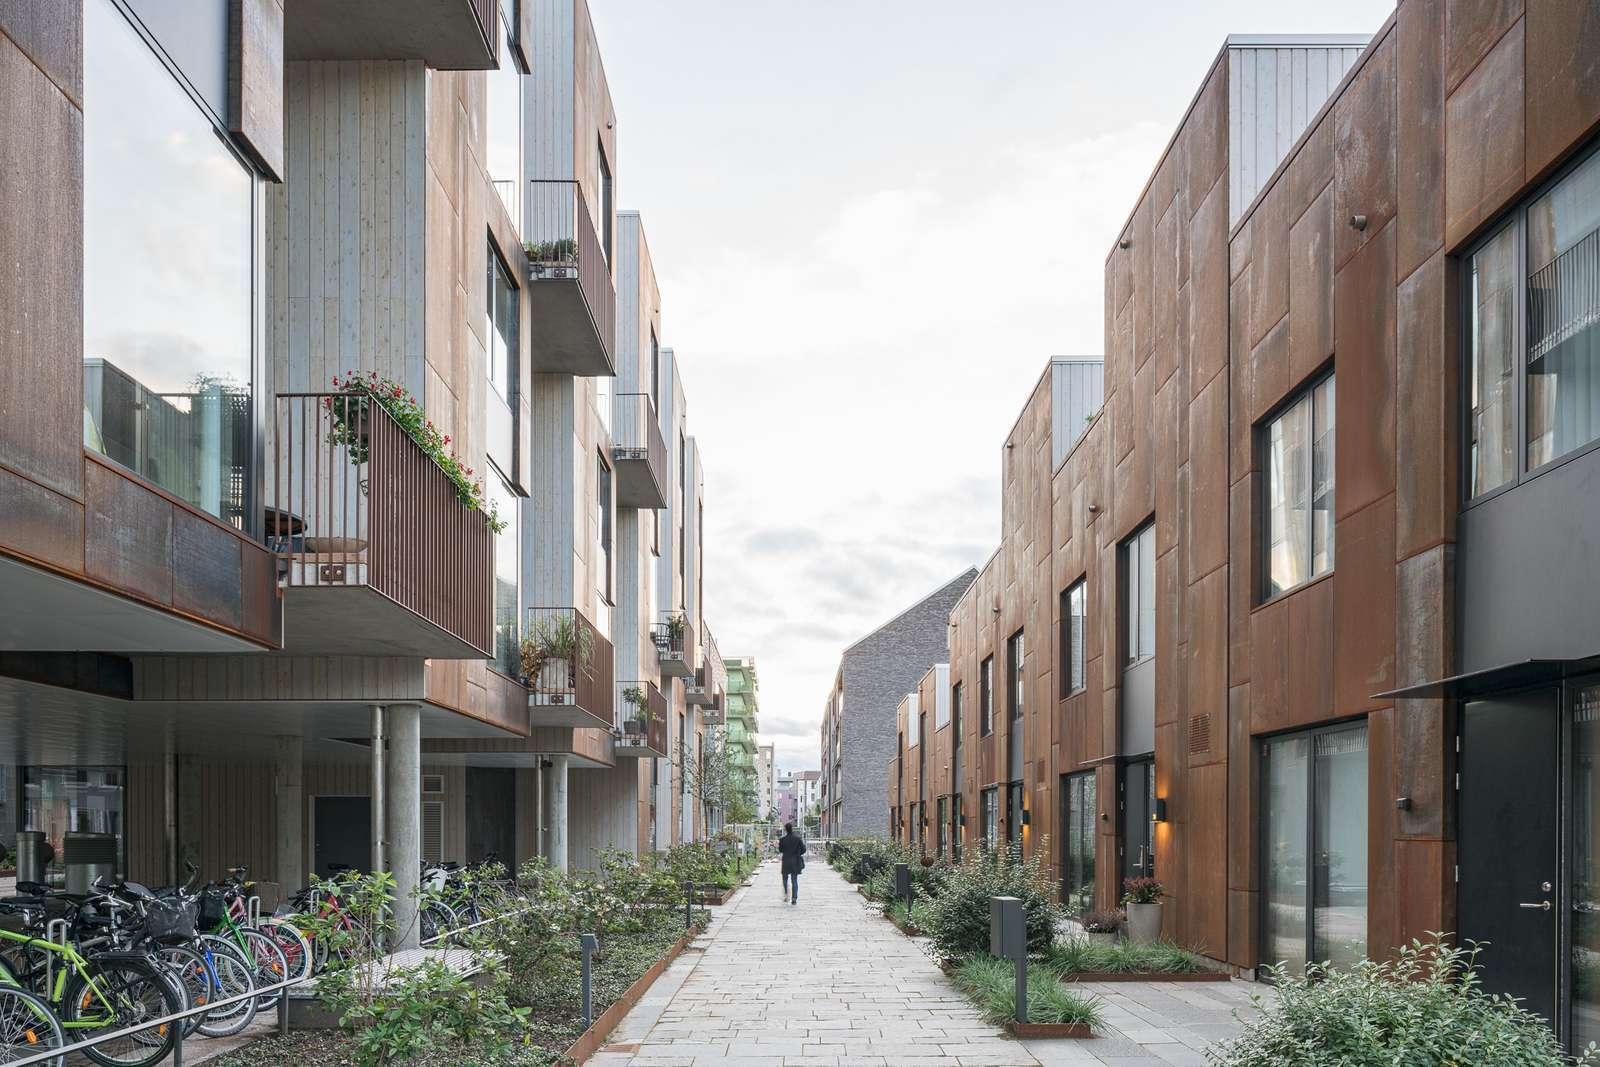 Дома спроектированы с разной высотой и глубиной, чтобы обеспечить контакт с окружающей средой